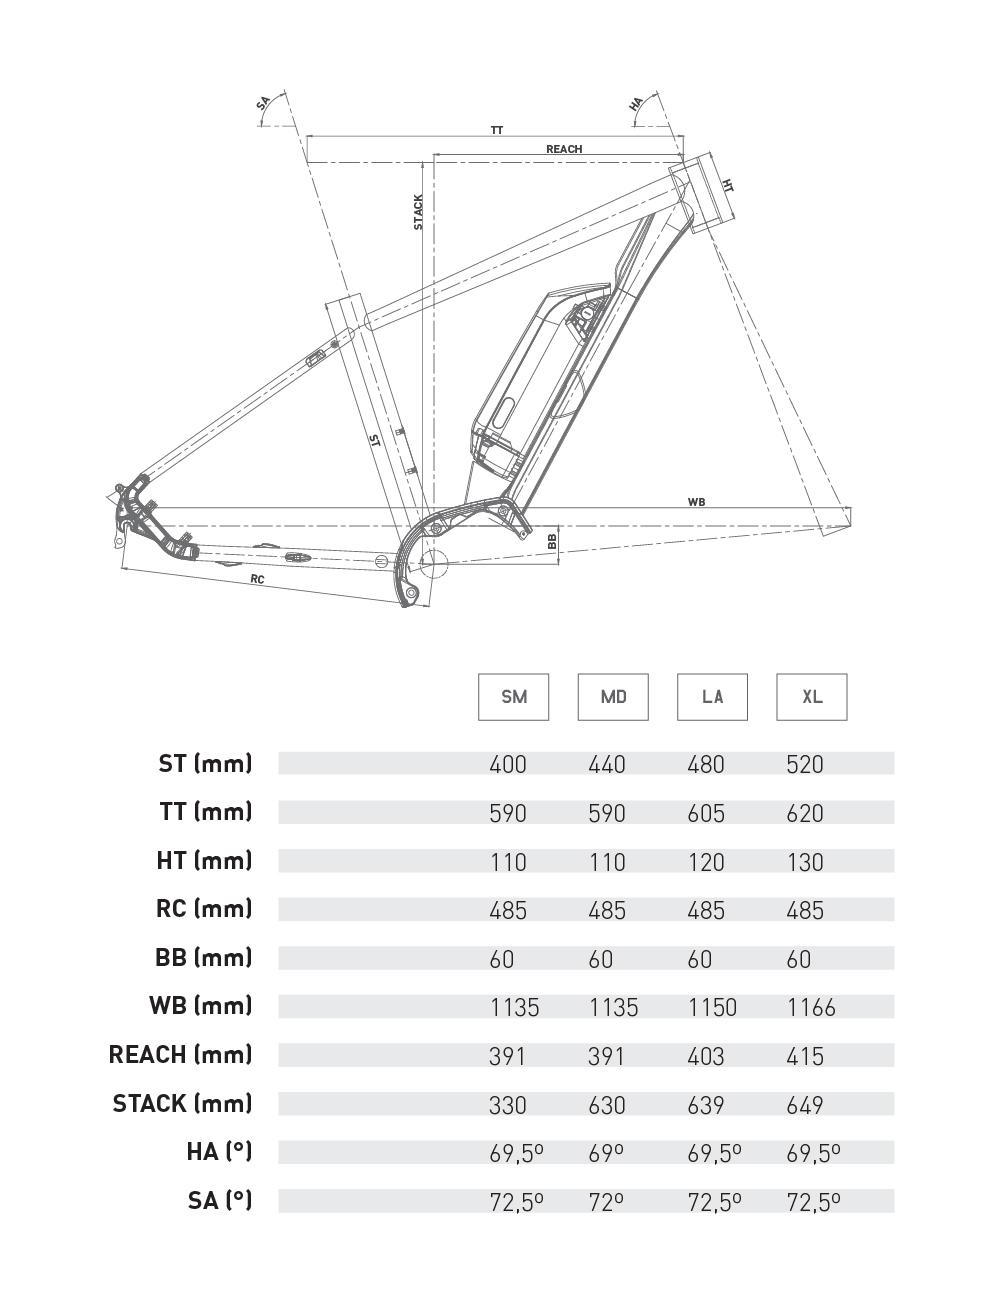 geometriasweb__E7_vuk_bikes